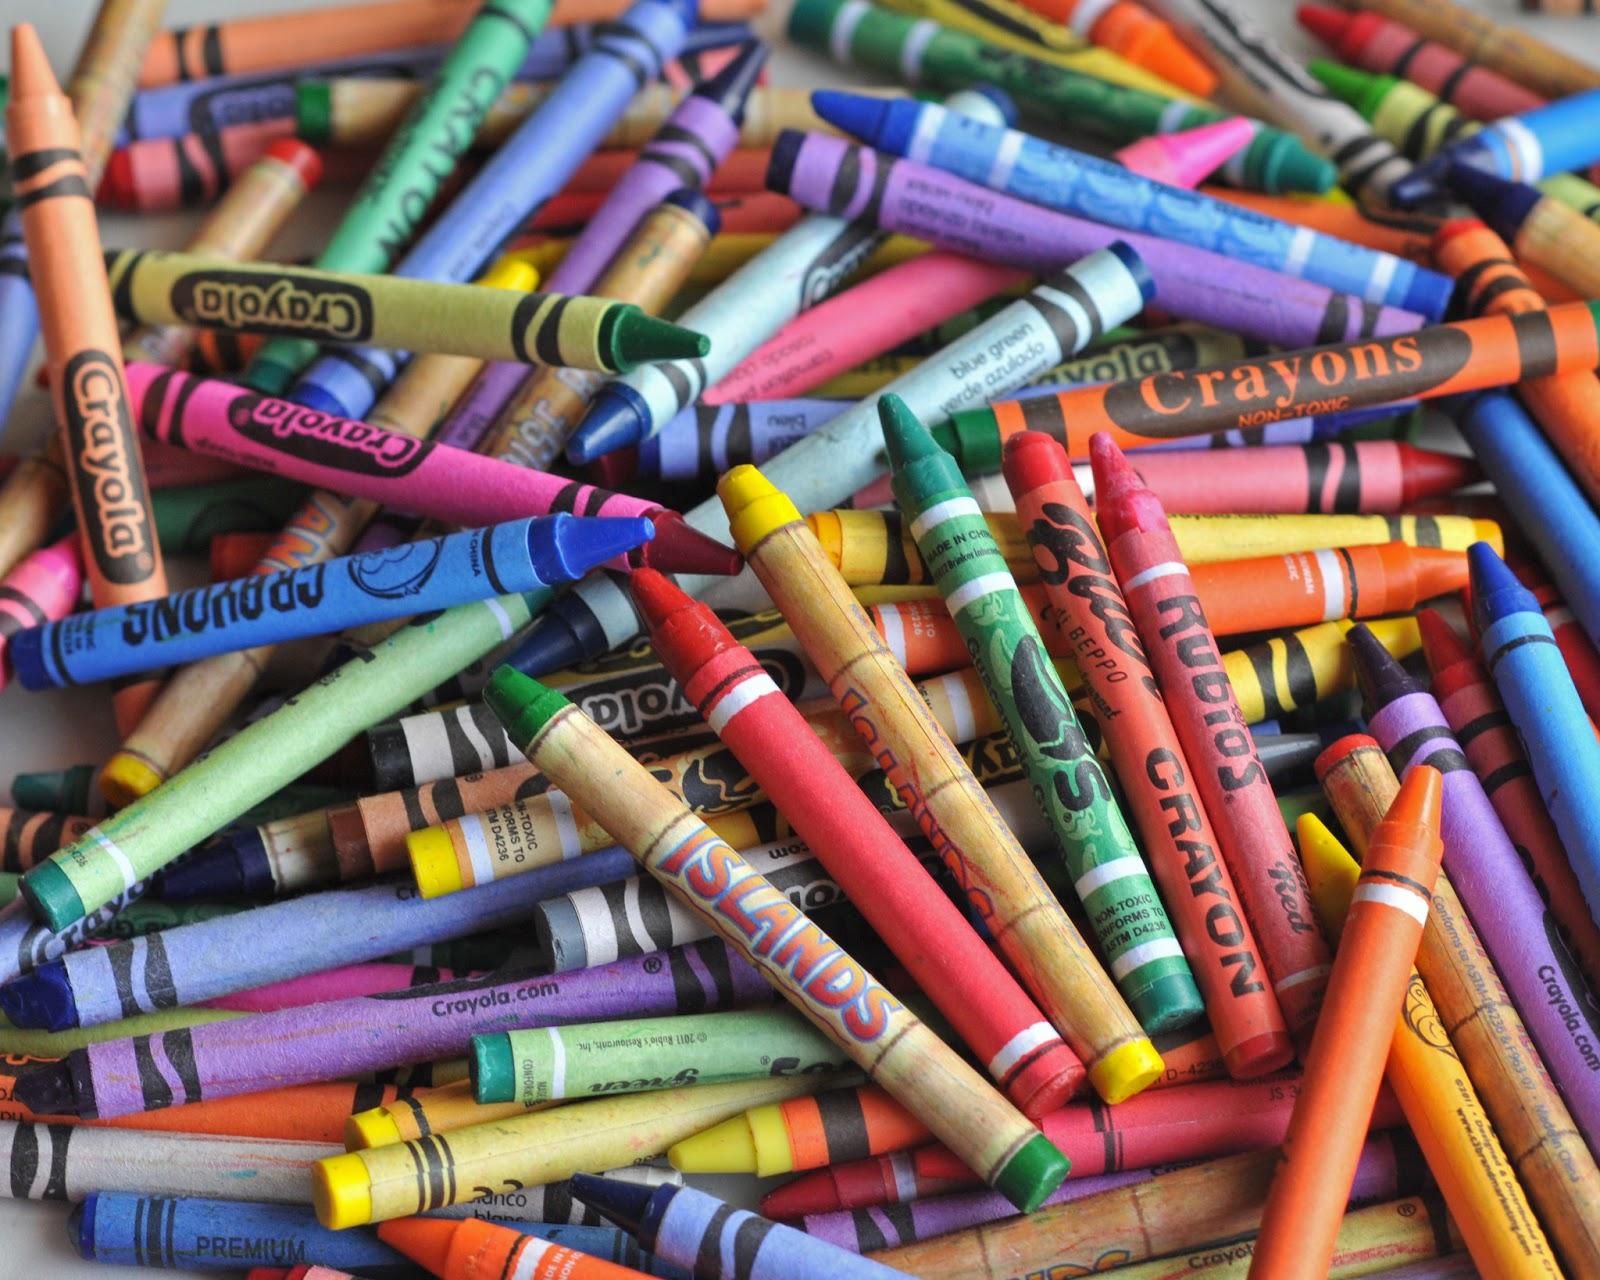 カリフォルニア here we are groovy crayons グルーヴィークレヨン